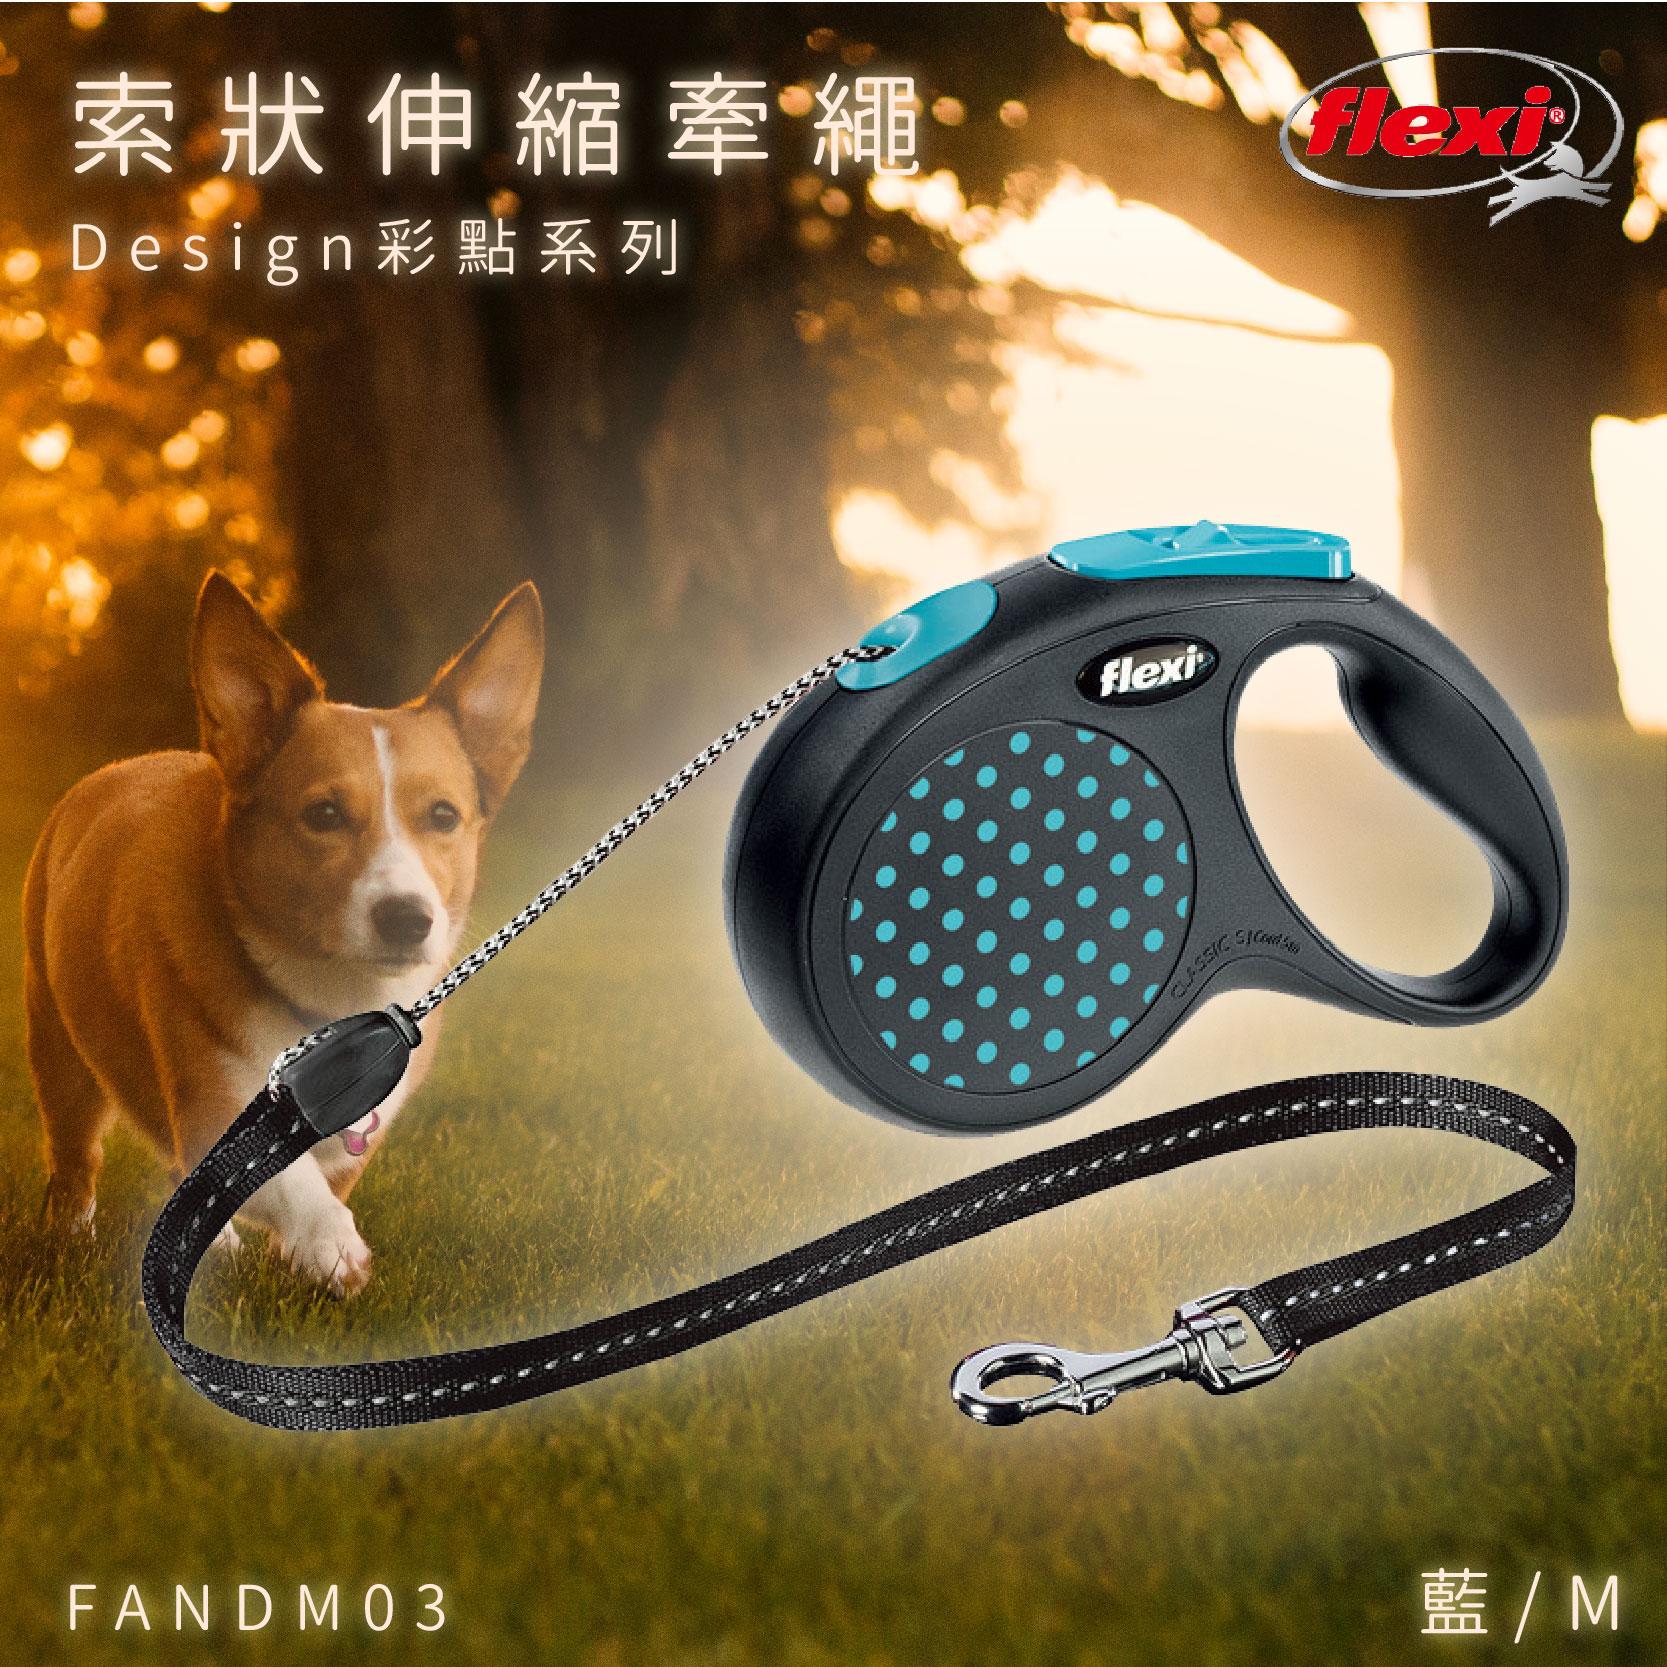 Flexi 索狀寵物牽繩 藍M FANDM03 彩點系列 舒適握把 狗貓 外出用品 寵物用品 寵物牽繩 德國製